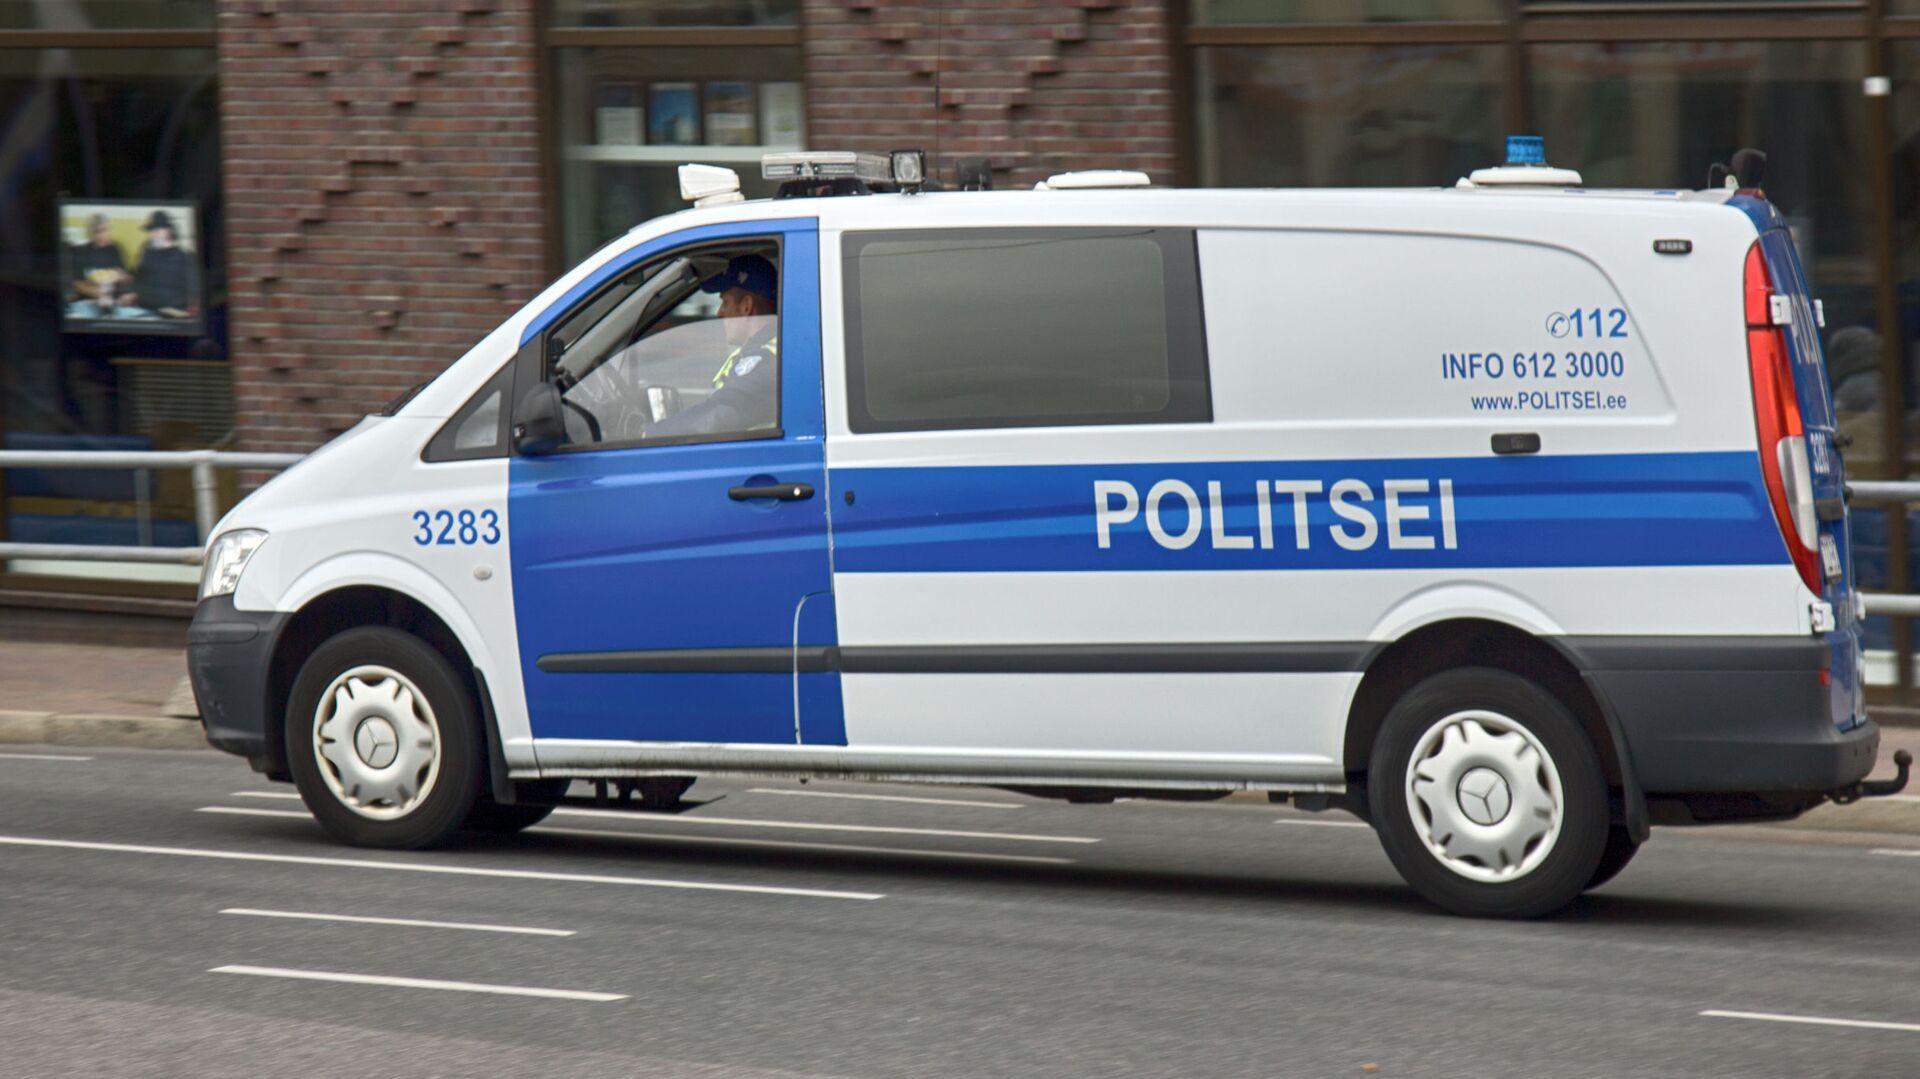 Samochód policyjny w Tallinnie - Sputnik Polska, 1920, 07.08.2021